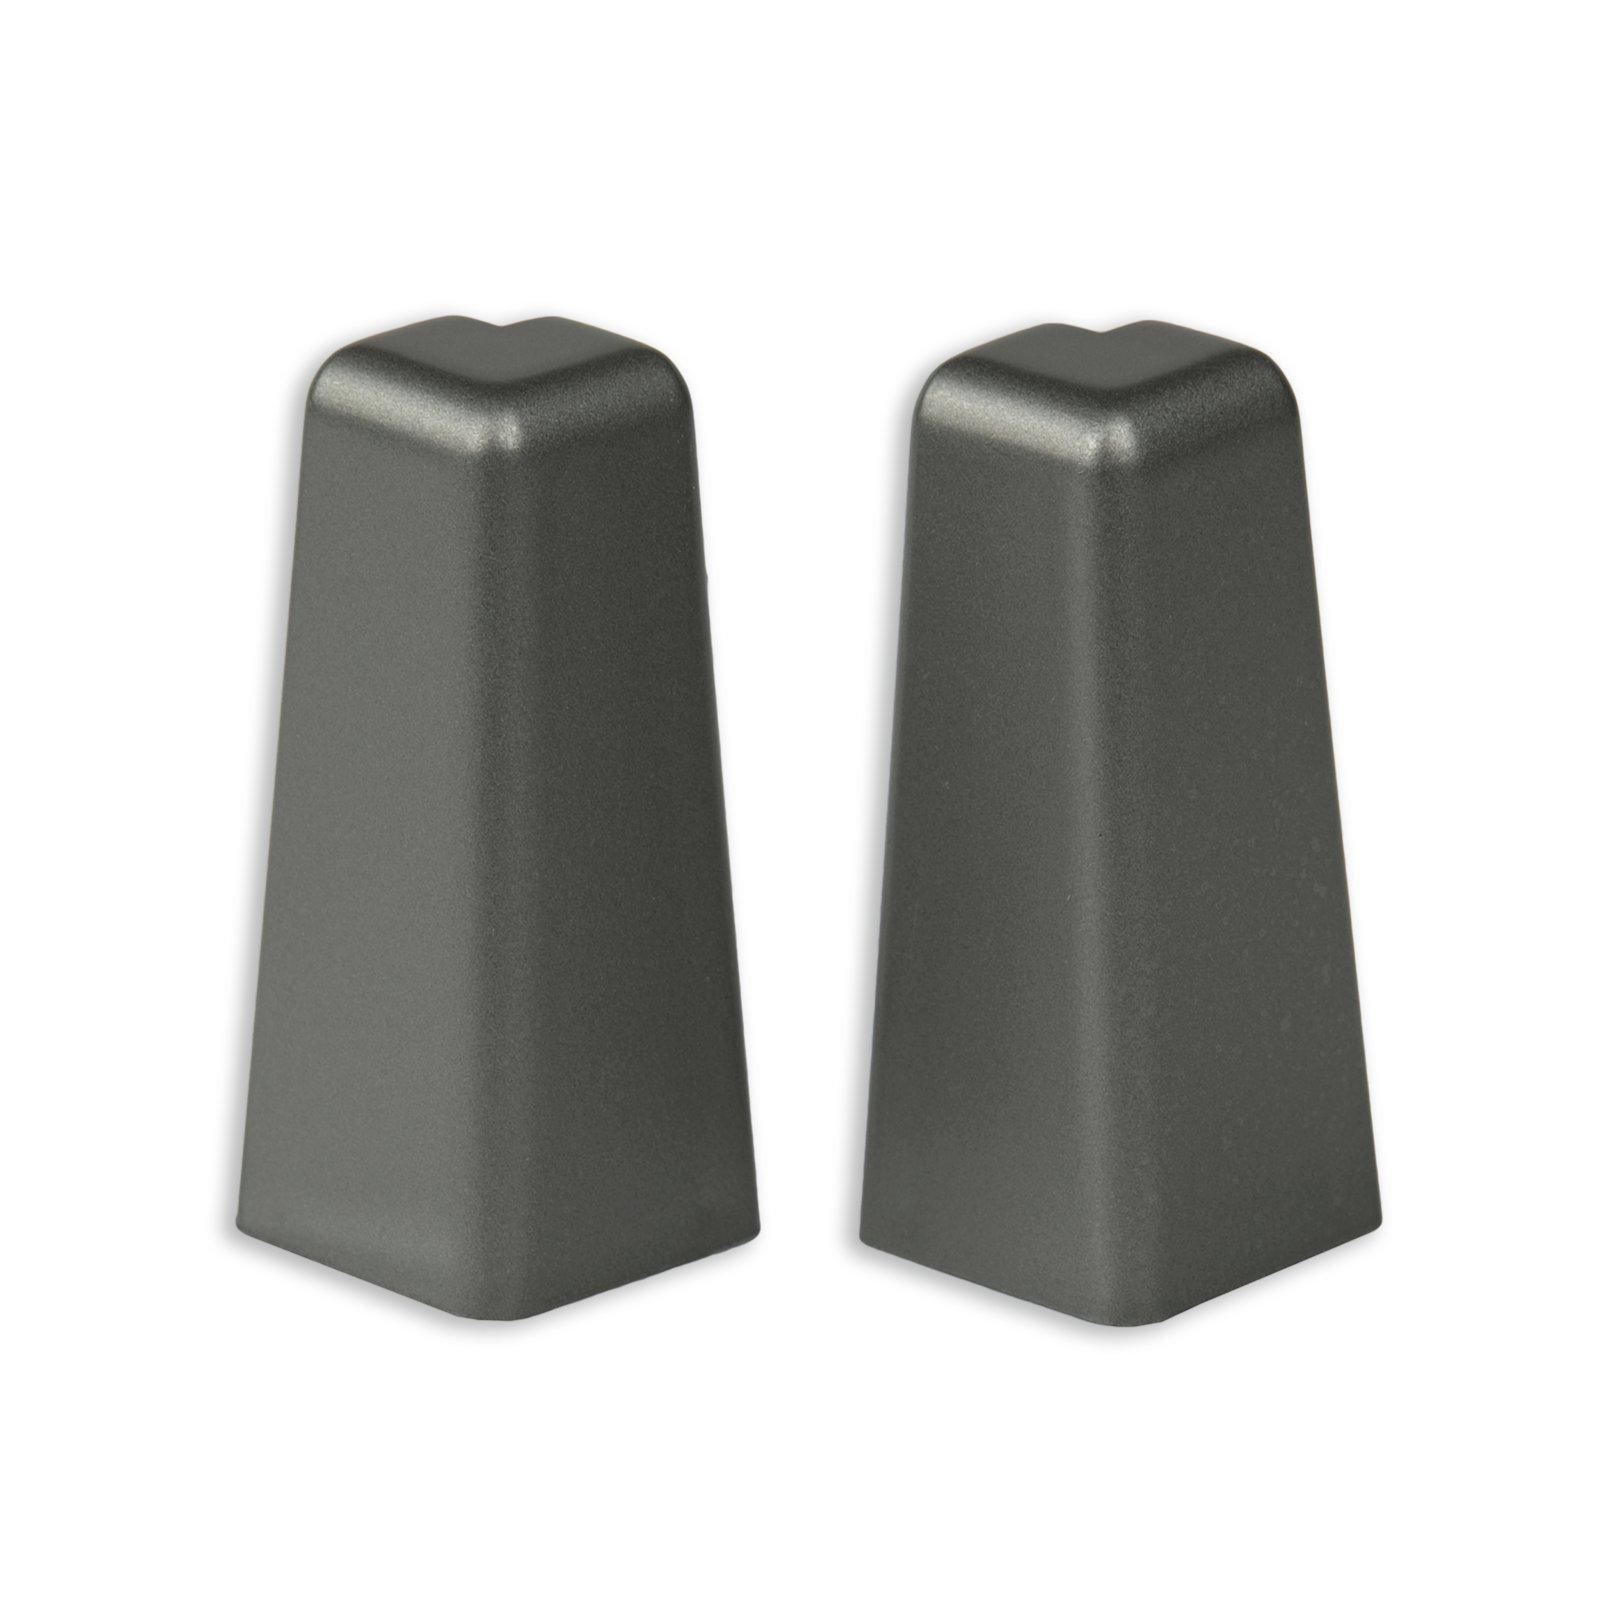 2er-Set Außenecken - Silber dunkel - für Sockelleiste K58